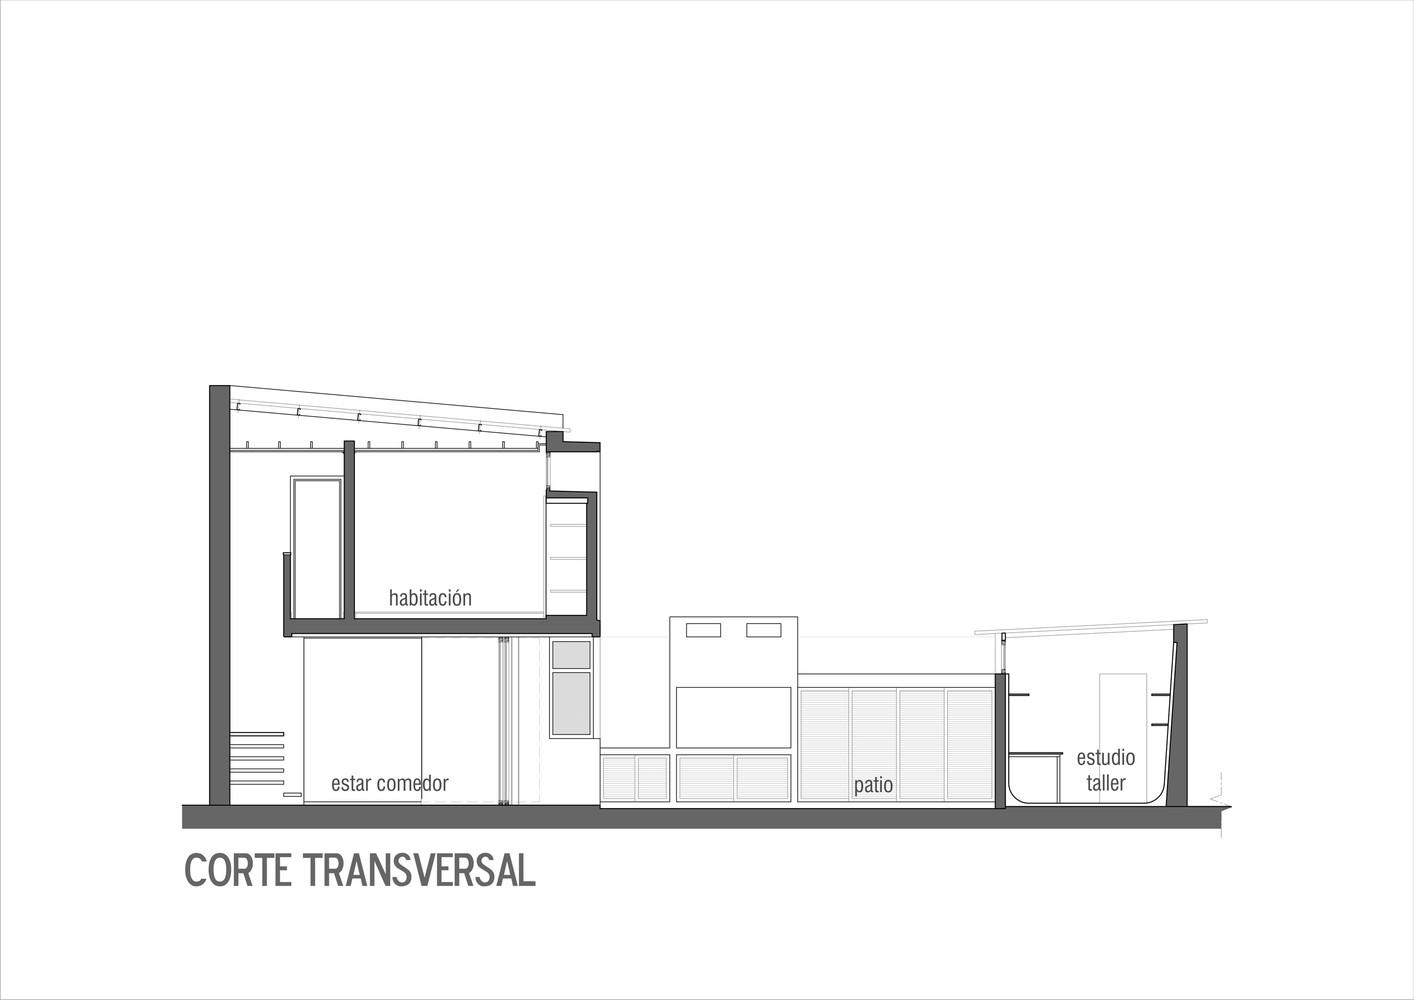 Casa interiorcorte